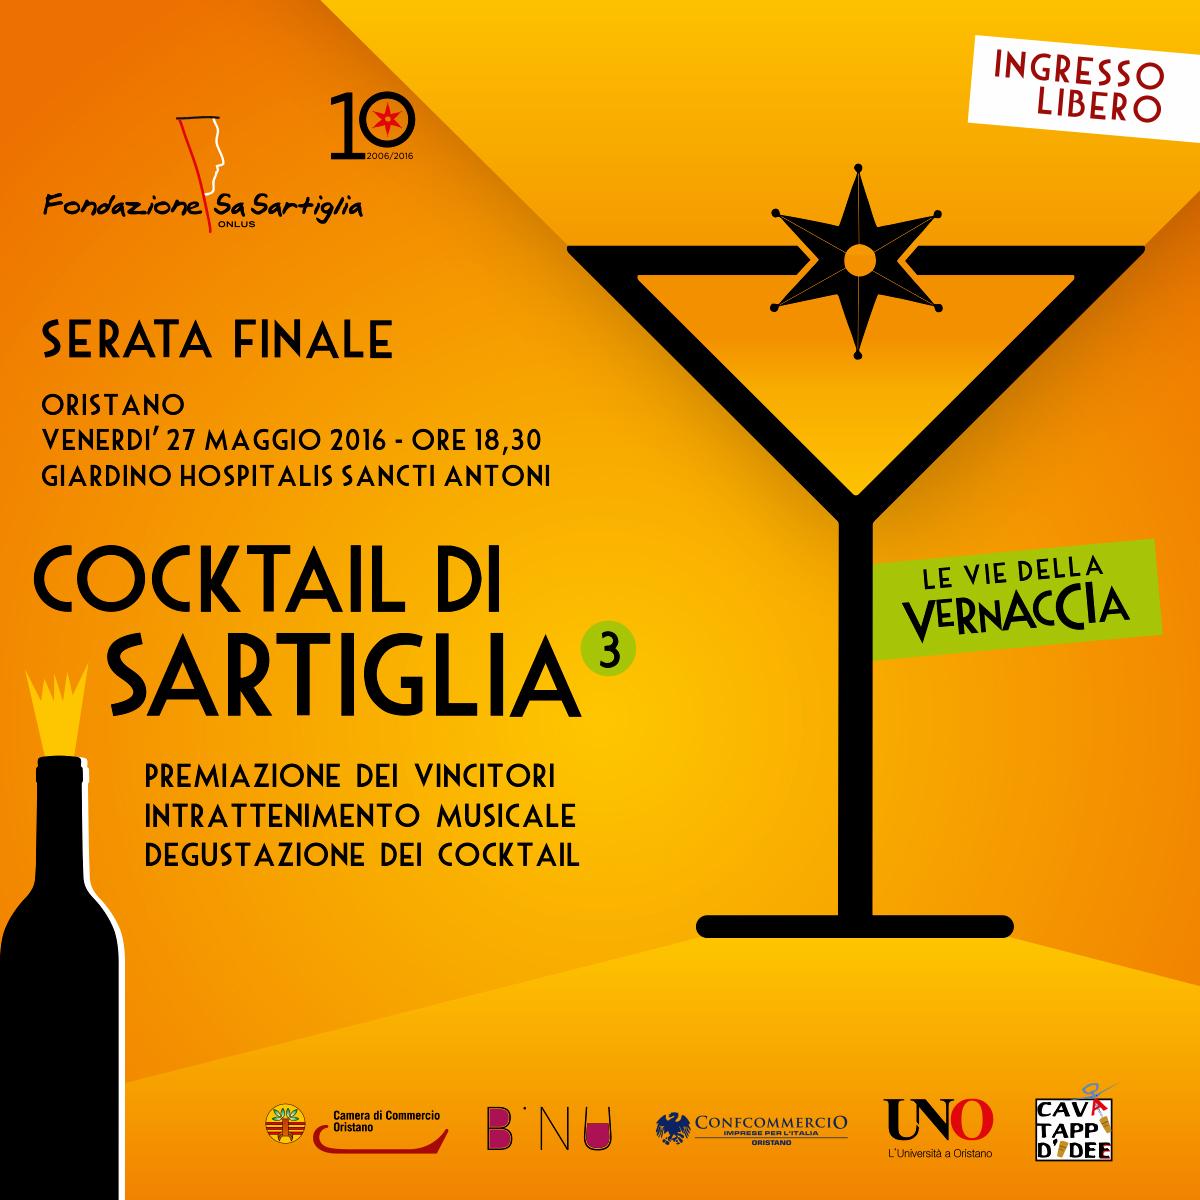 Cocktail di Sartiglia il 27 maggio 2016 le premiazioni all'Hospitalis Sancti Antoni di Oristano.